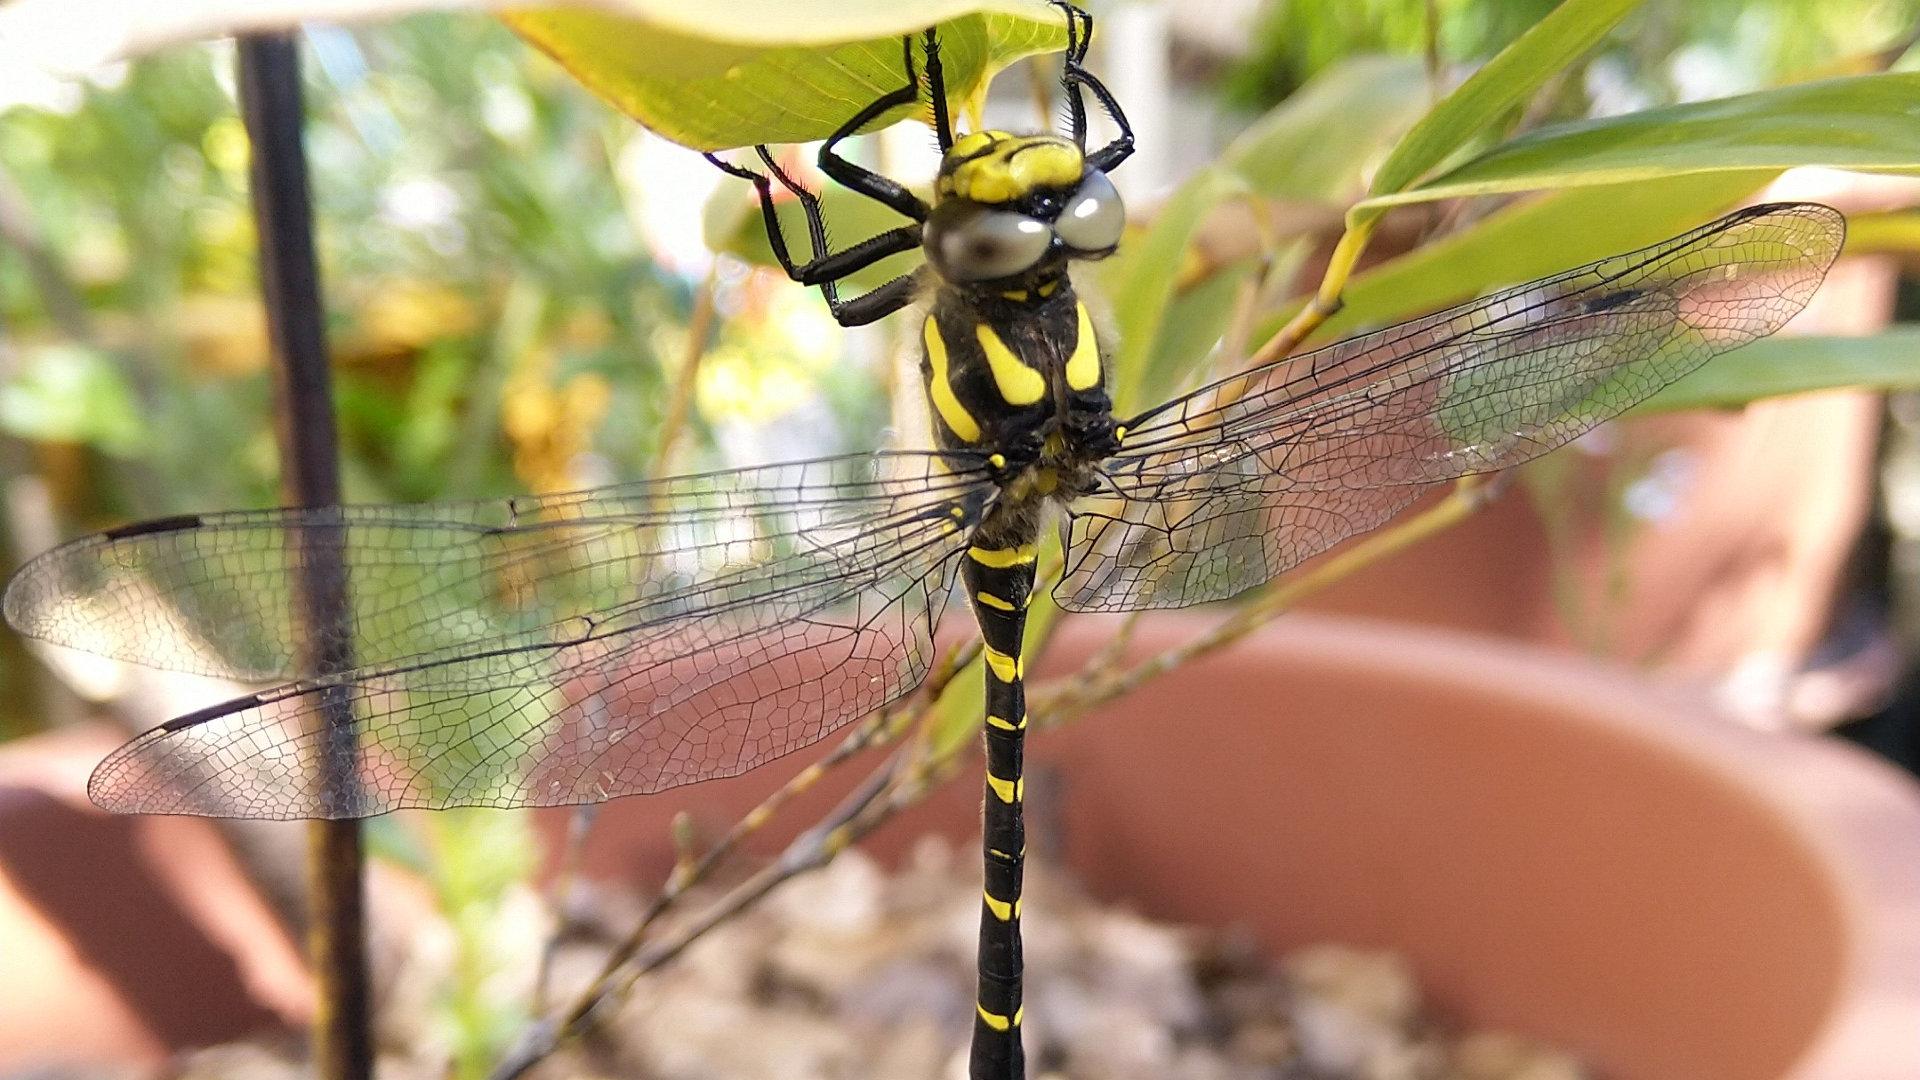 Une libellule sur un jardin potager urbain sur terrasse de balcon